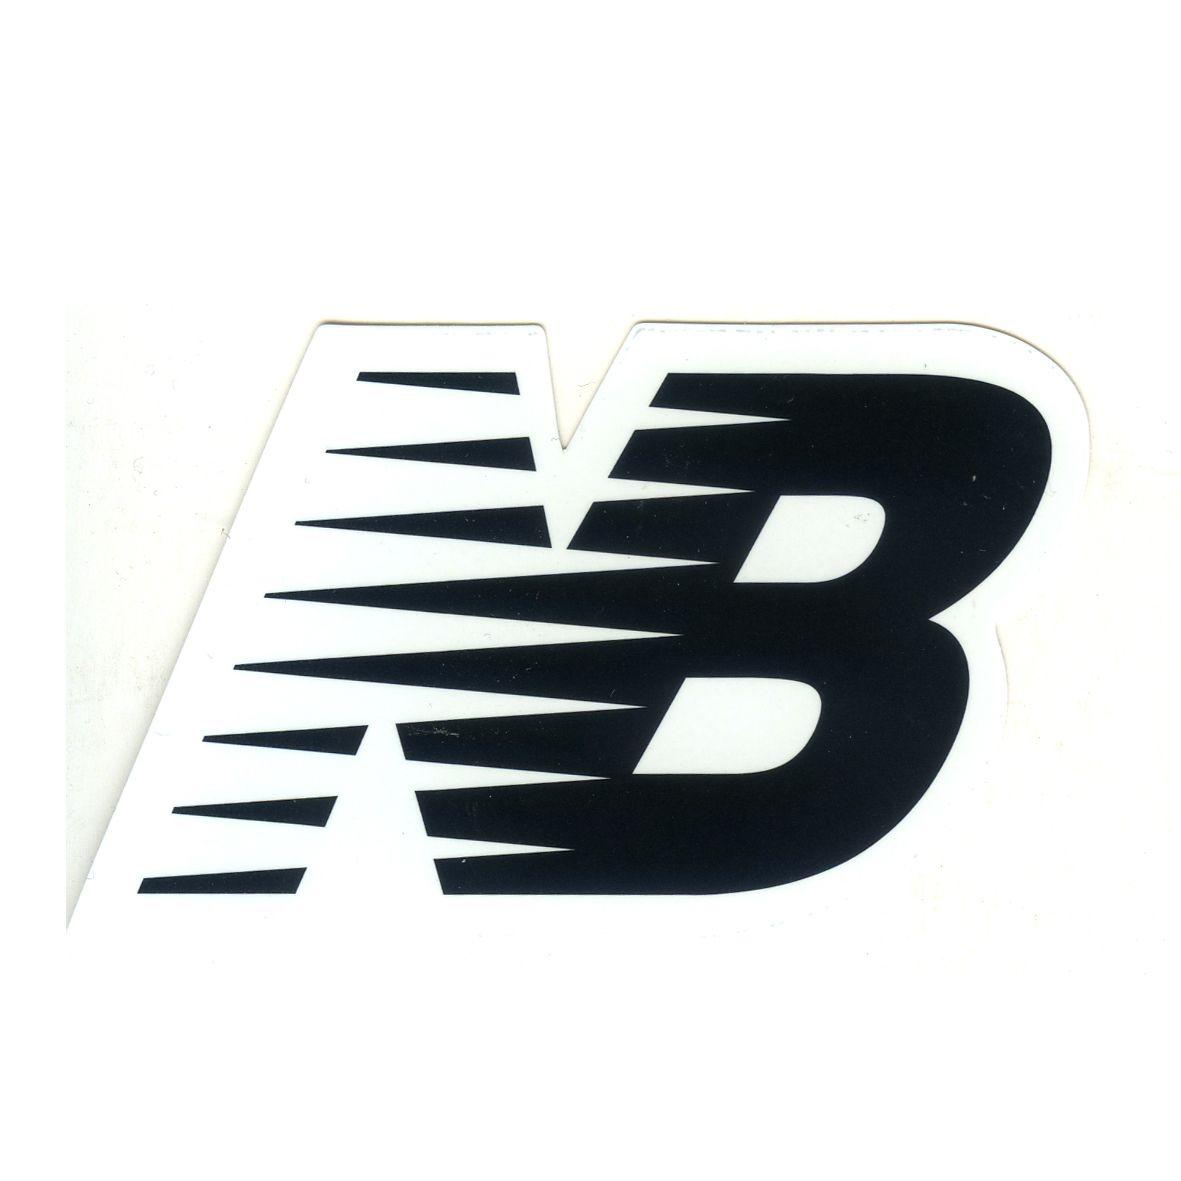 #1623 NB New Balance shoes Logo , width 9 cm decal sticker - DecalStar.